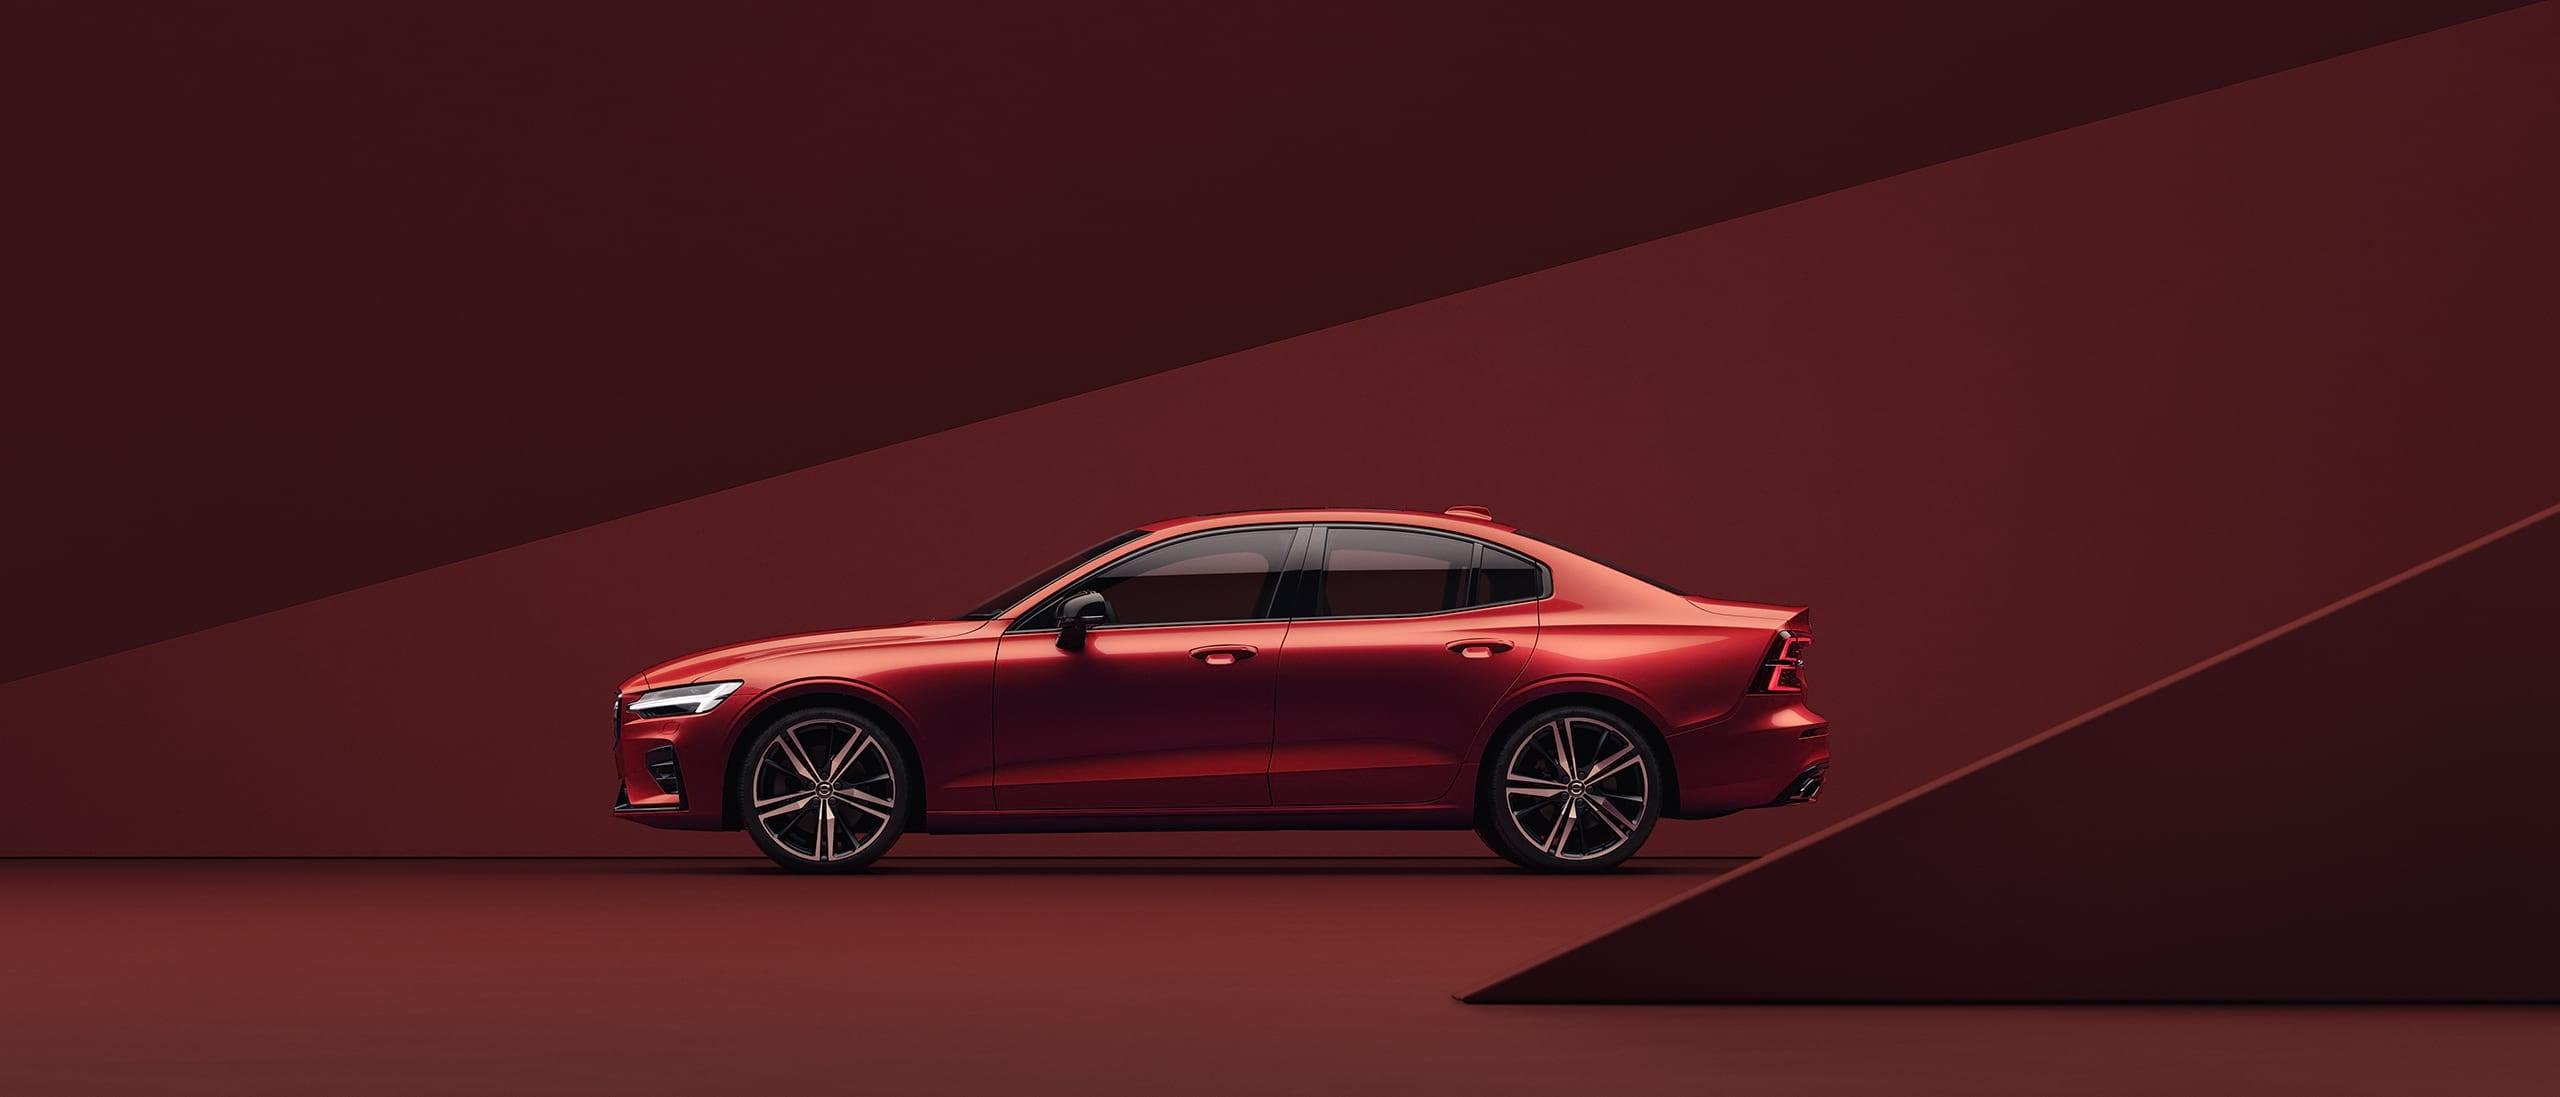 Punainen S60 pysäköitynä punaiseen ympäristöön.